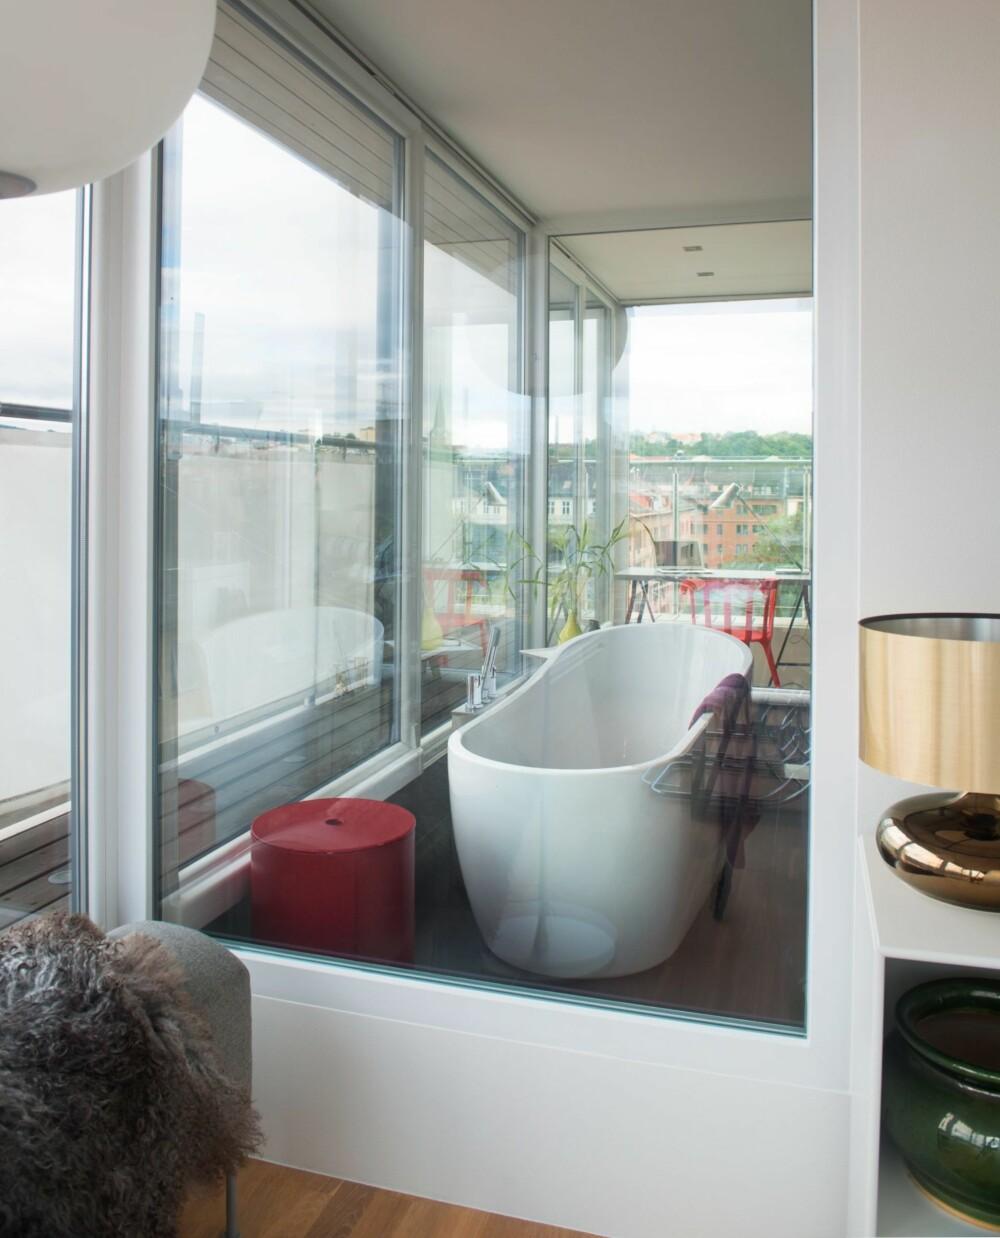 INNSYN: Fra stuen kan man se tvers gjennom badet og inn til  arbeidsrommet. Baderomsinnredningen er fra Hansa. Den røde puffen fungerer som skittentøyskurv.